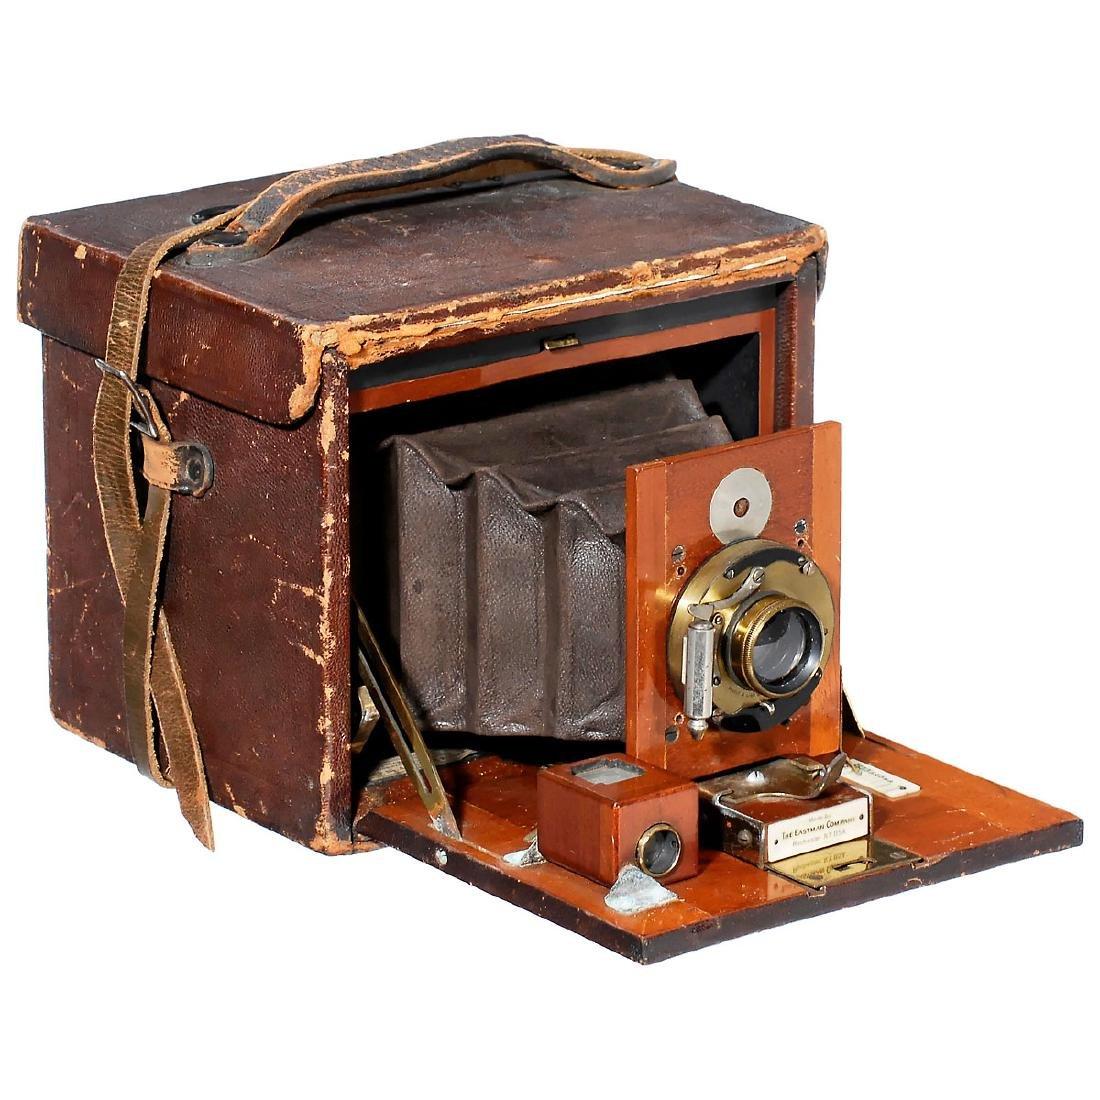 No. 4 Folding Kodak, c. 1890